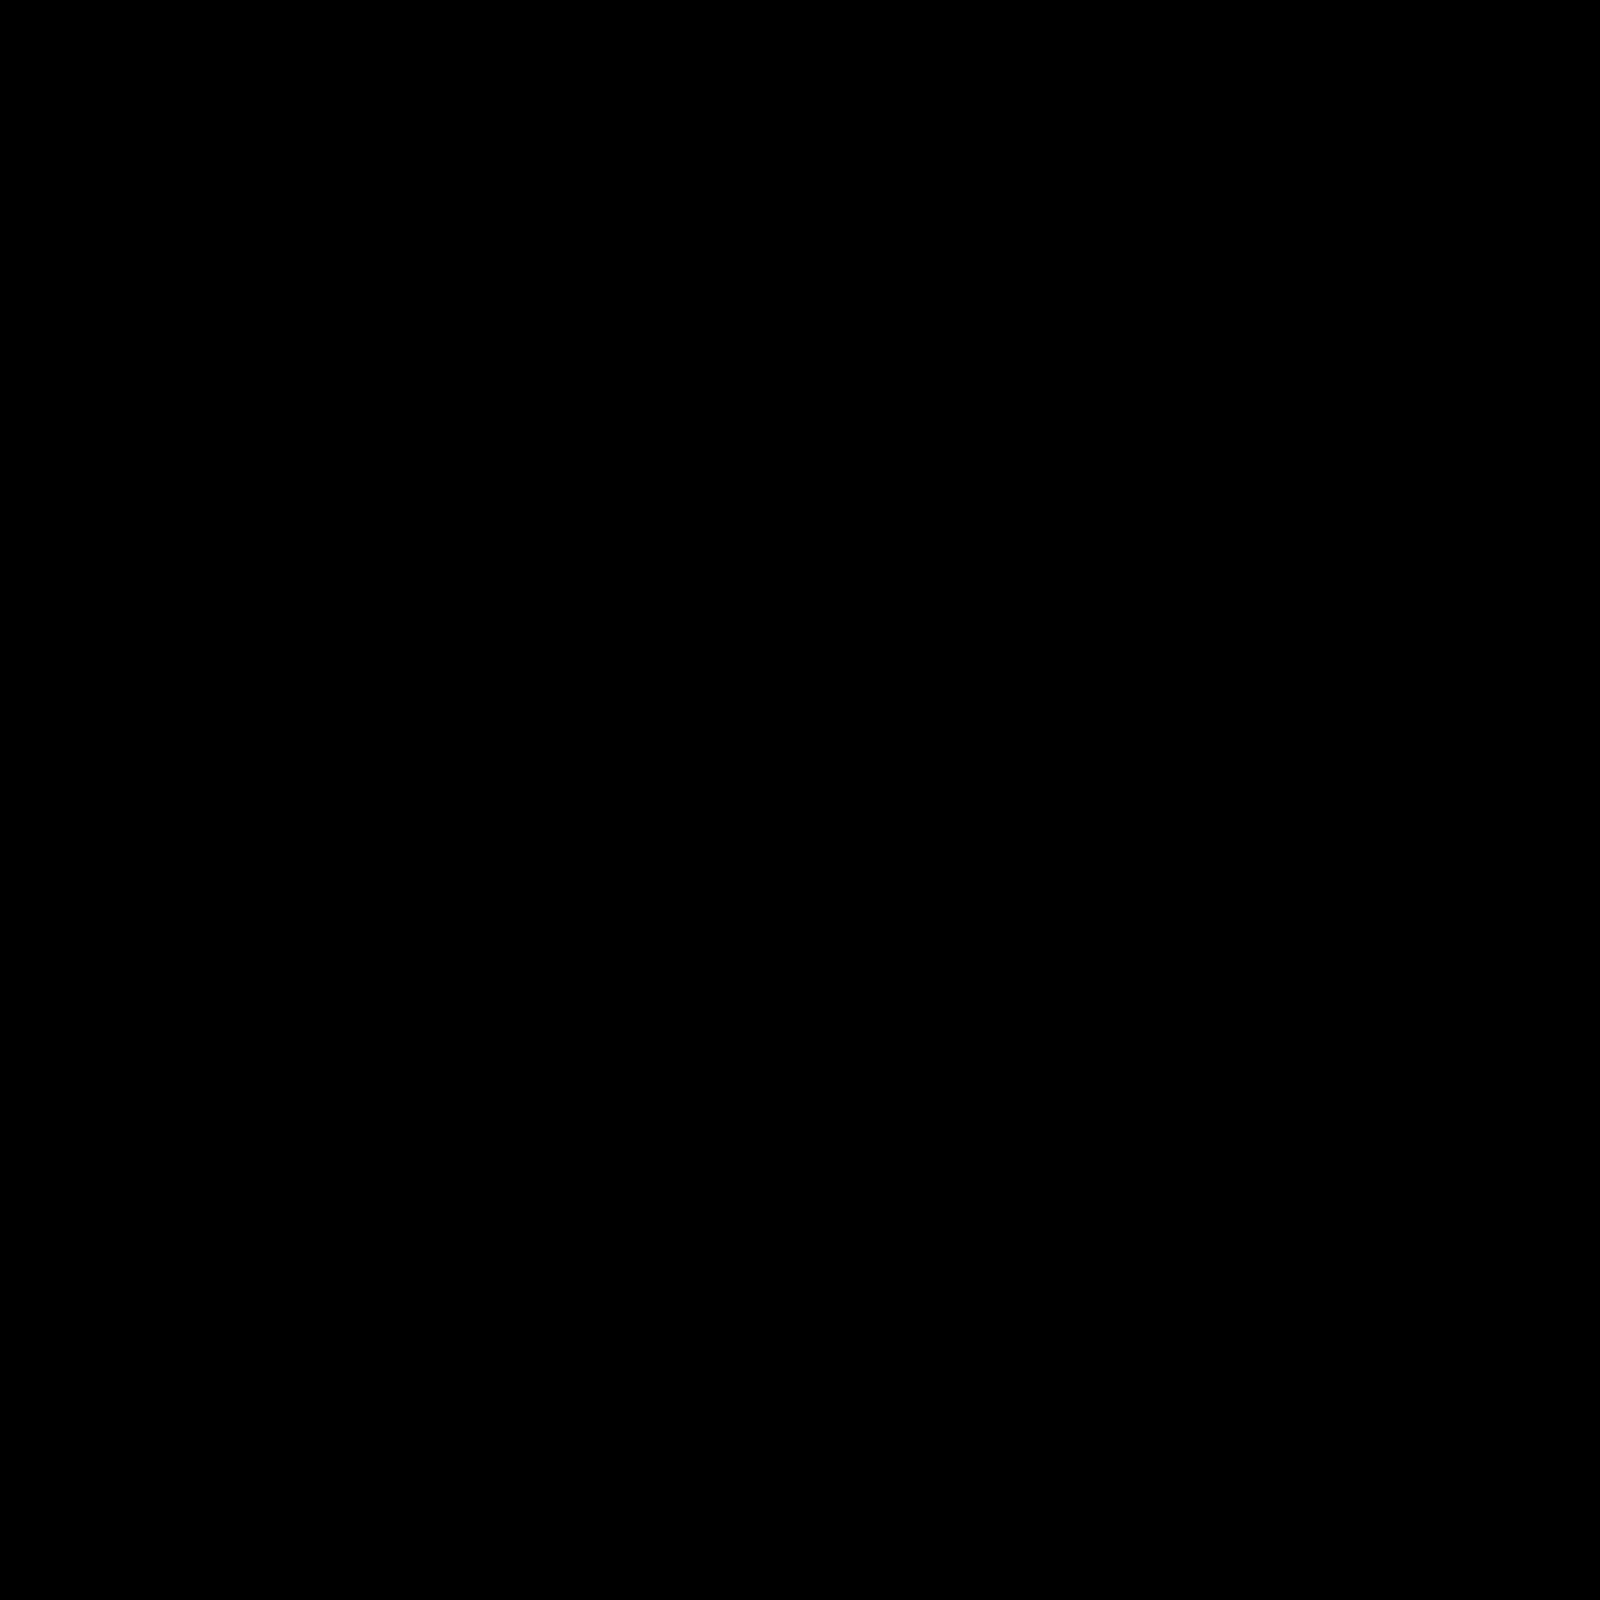 Terraria Filled icon